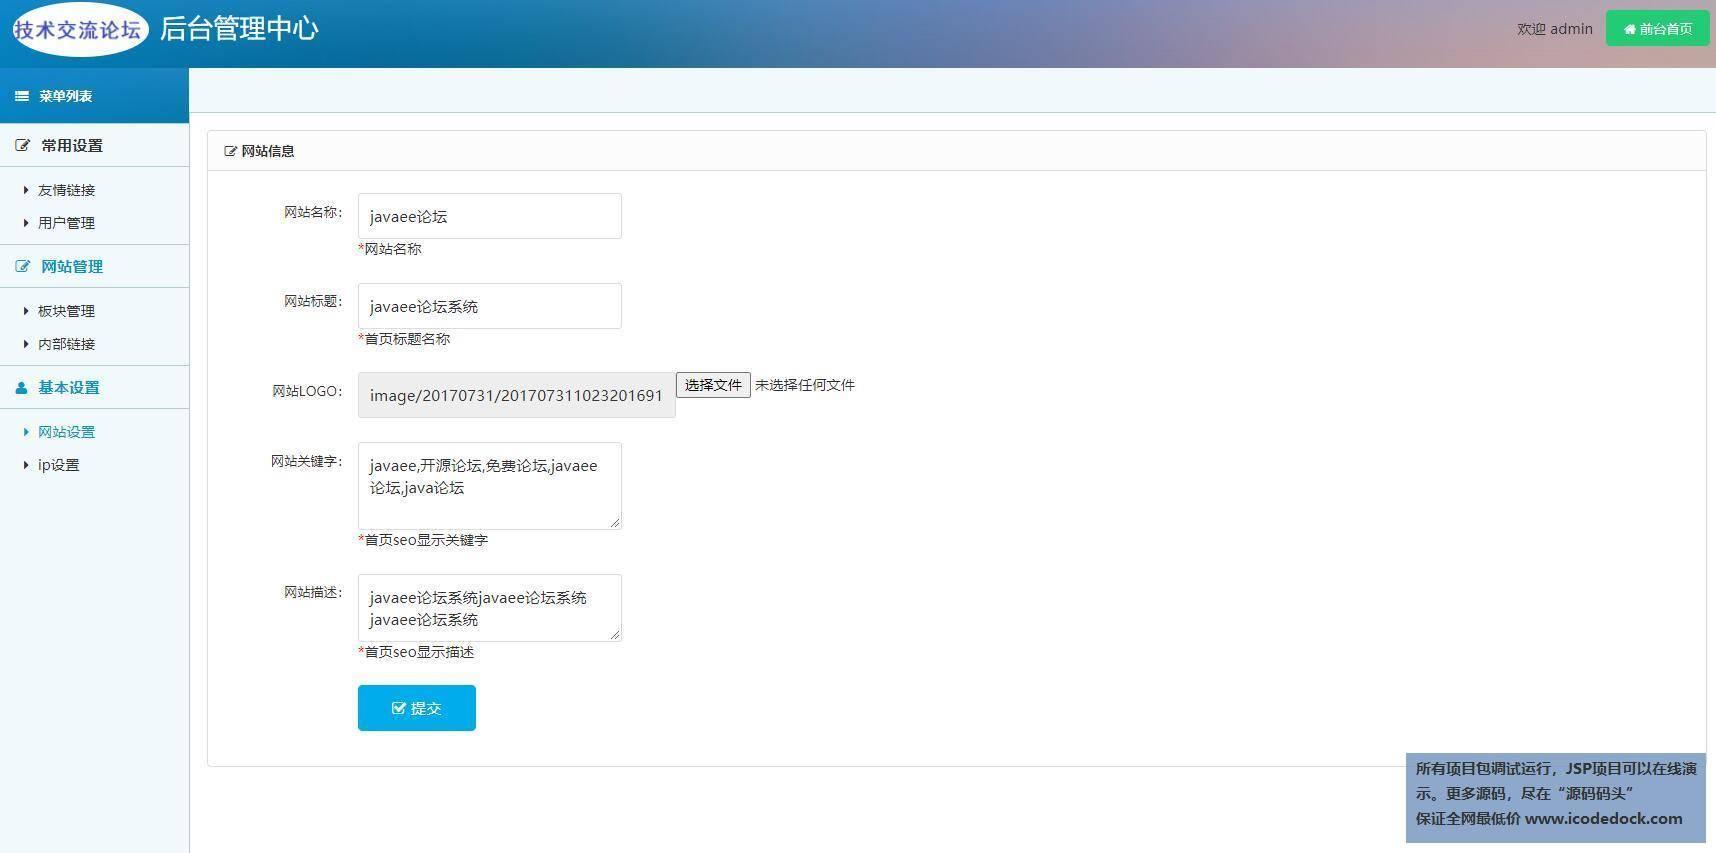 源码码头-SSM搭建的一个BBS论坛-管理员角色-网站设置